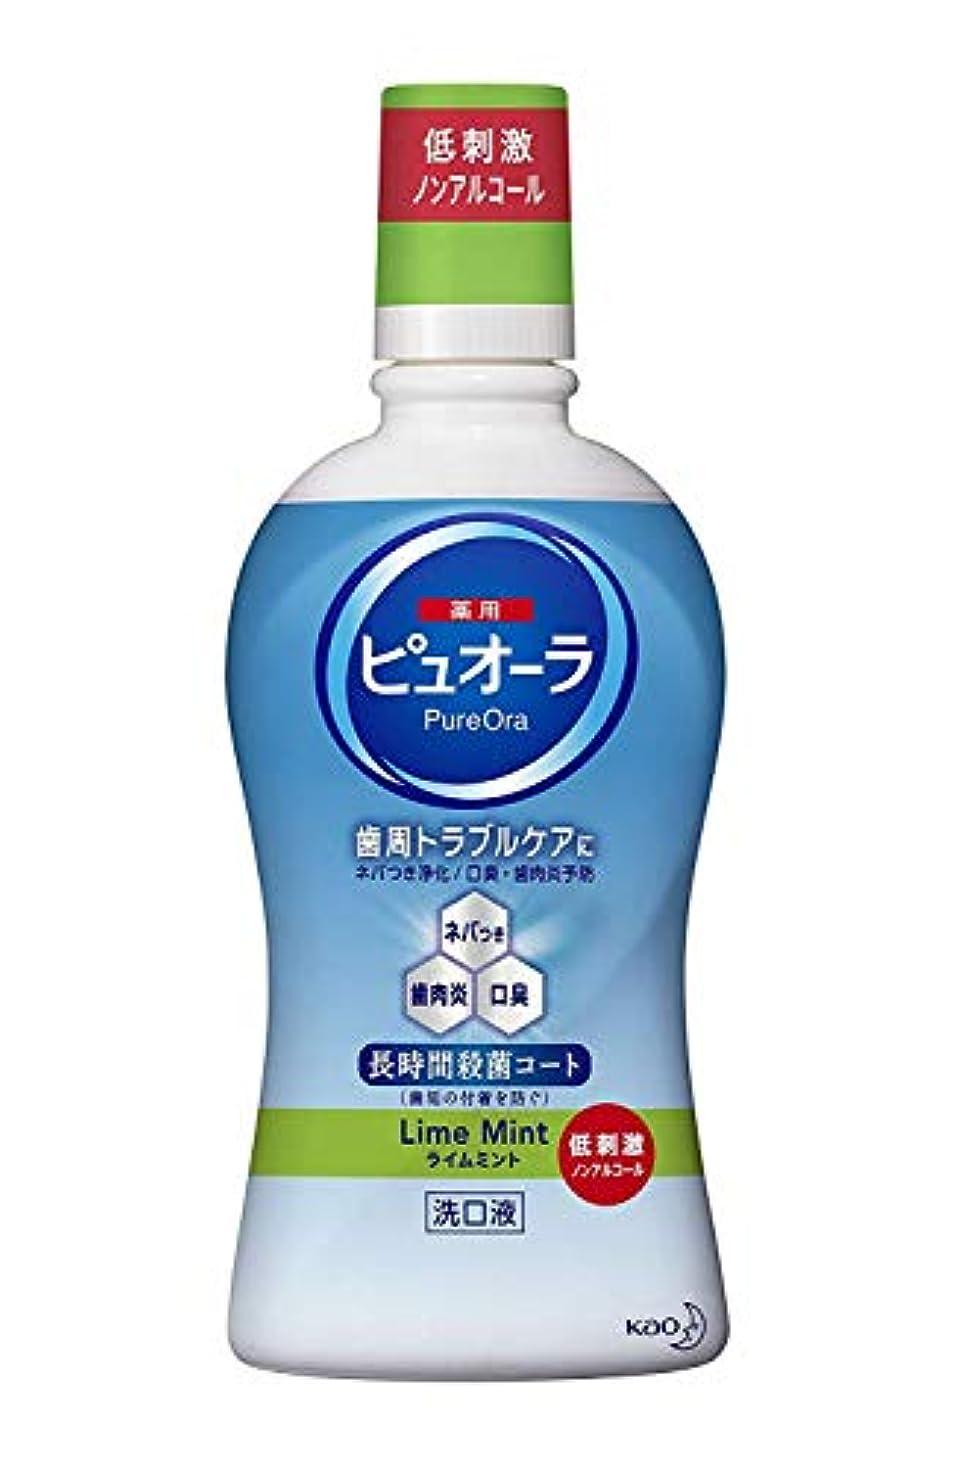 クーポン懸念クレーン【花王】薬用ピュオーラ洗口液 ノンアルコール 420ml ×10個セット